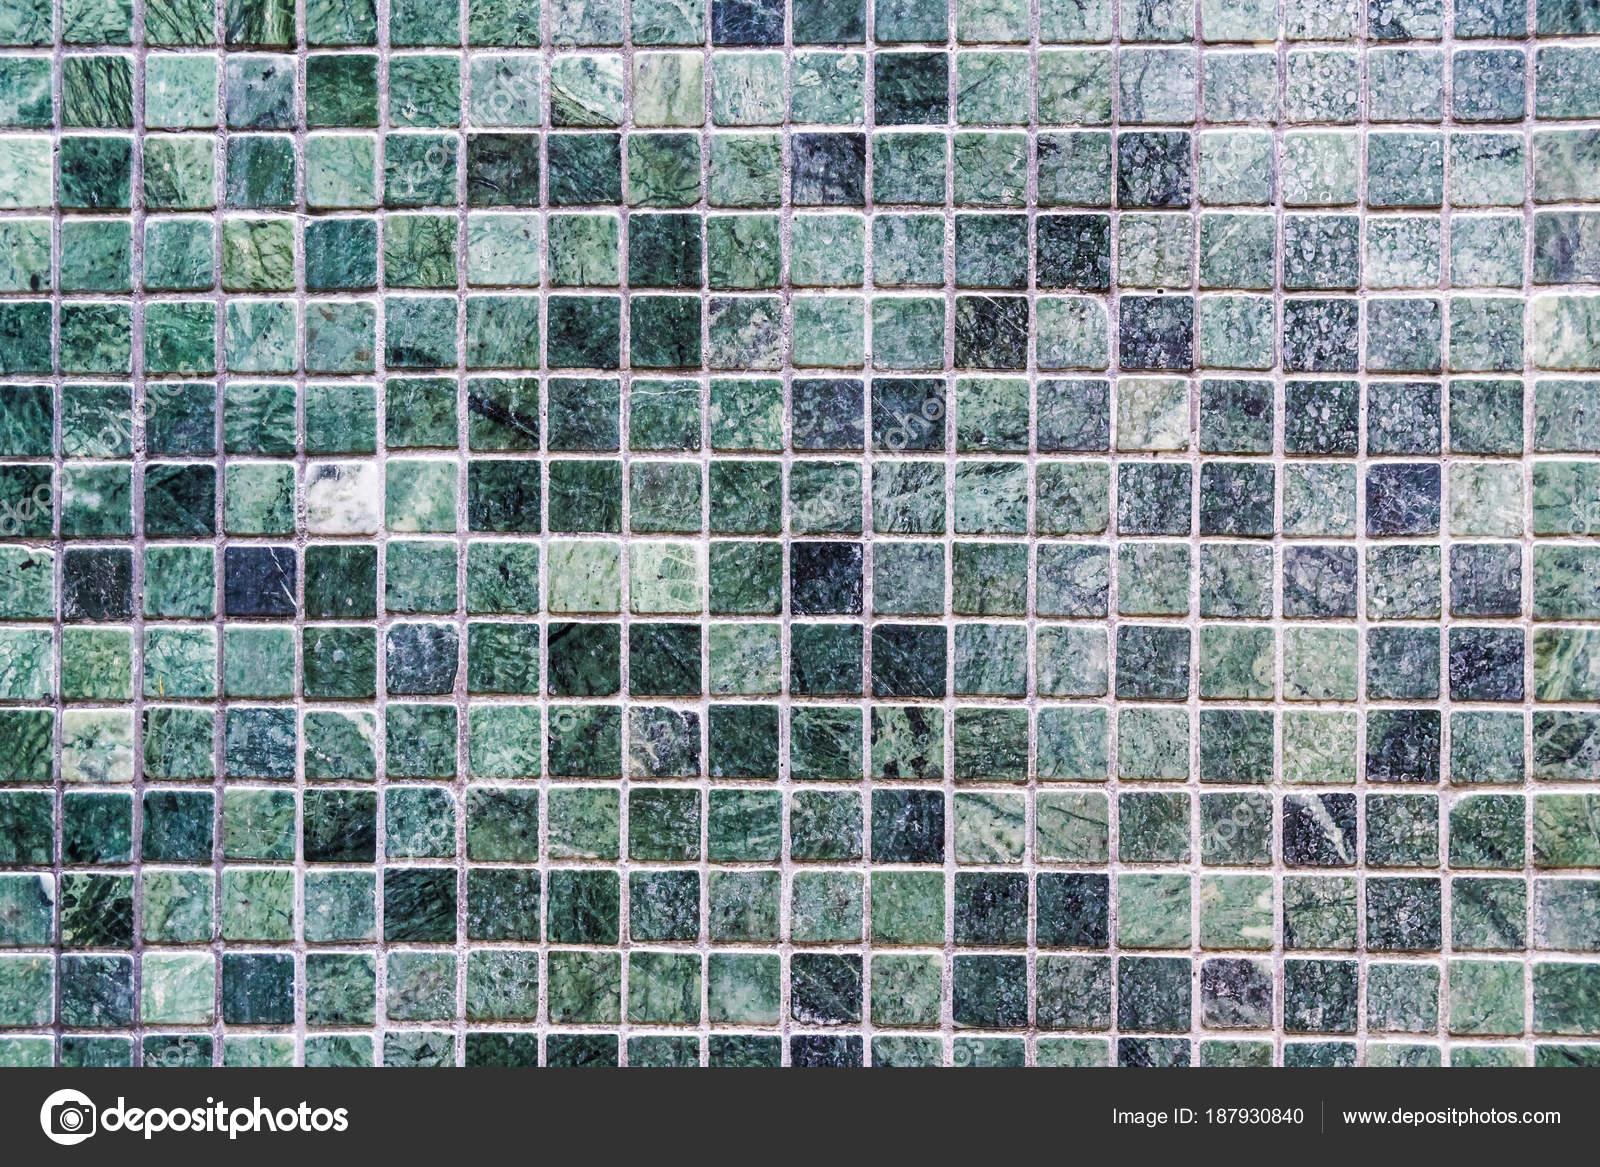 Mattonelle verdi superficie e texture delle pareti u2014 foto stock